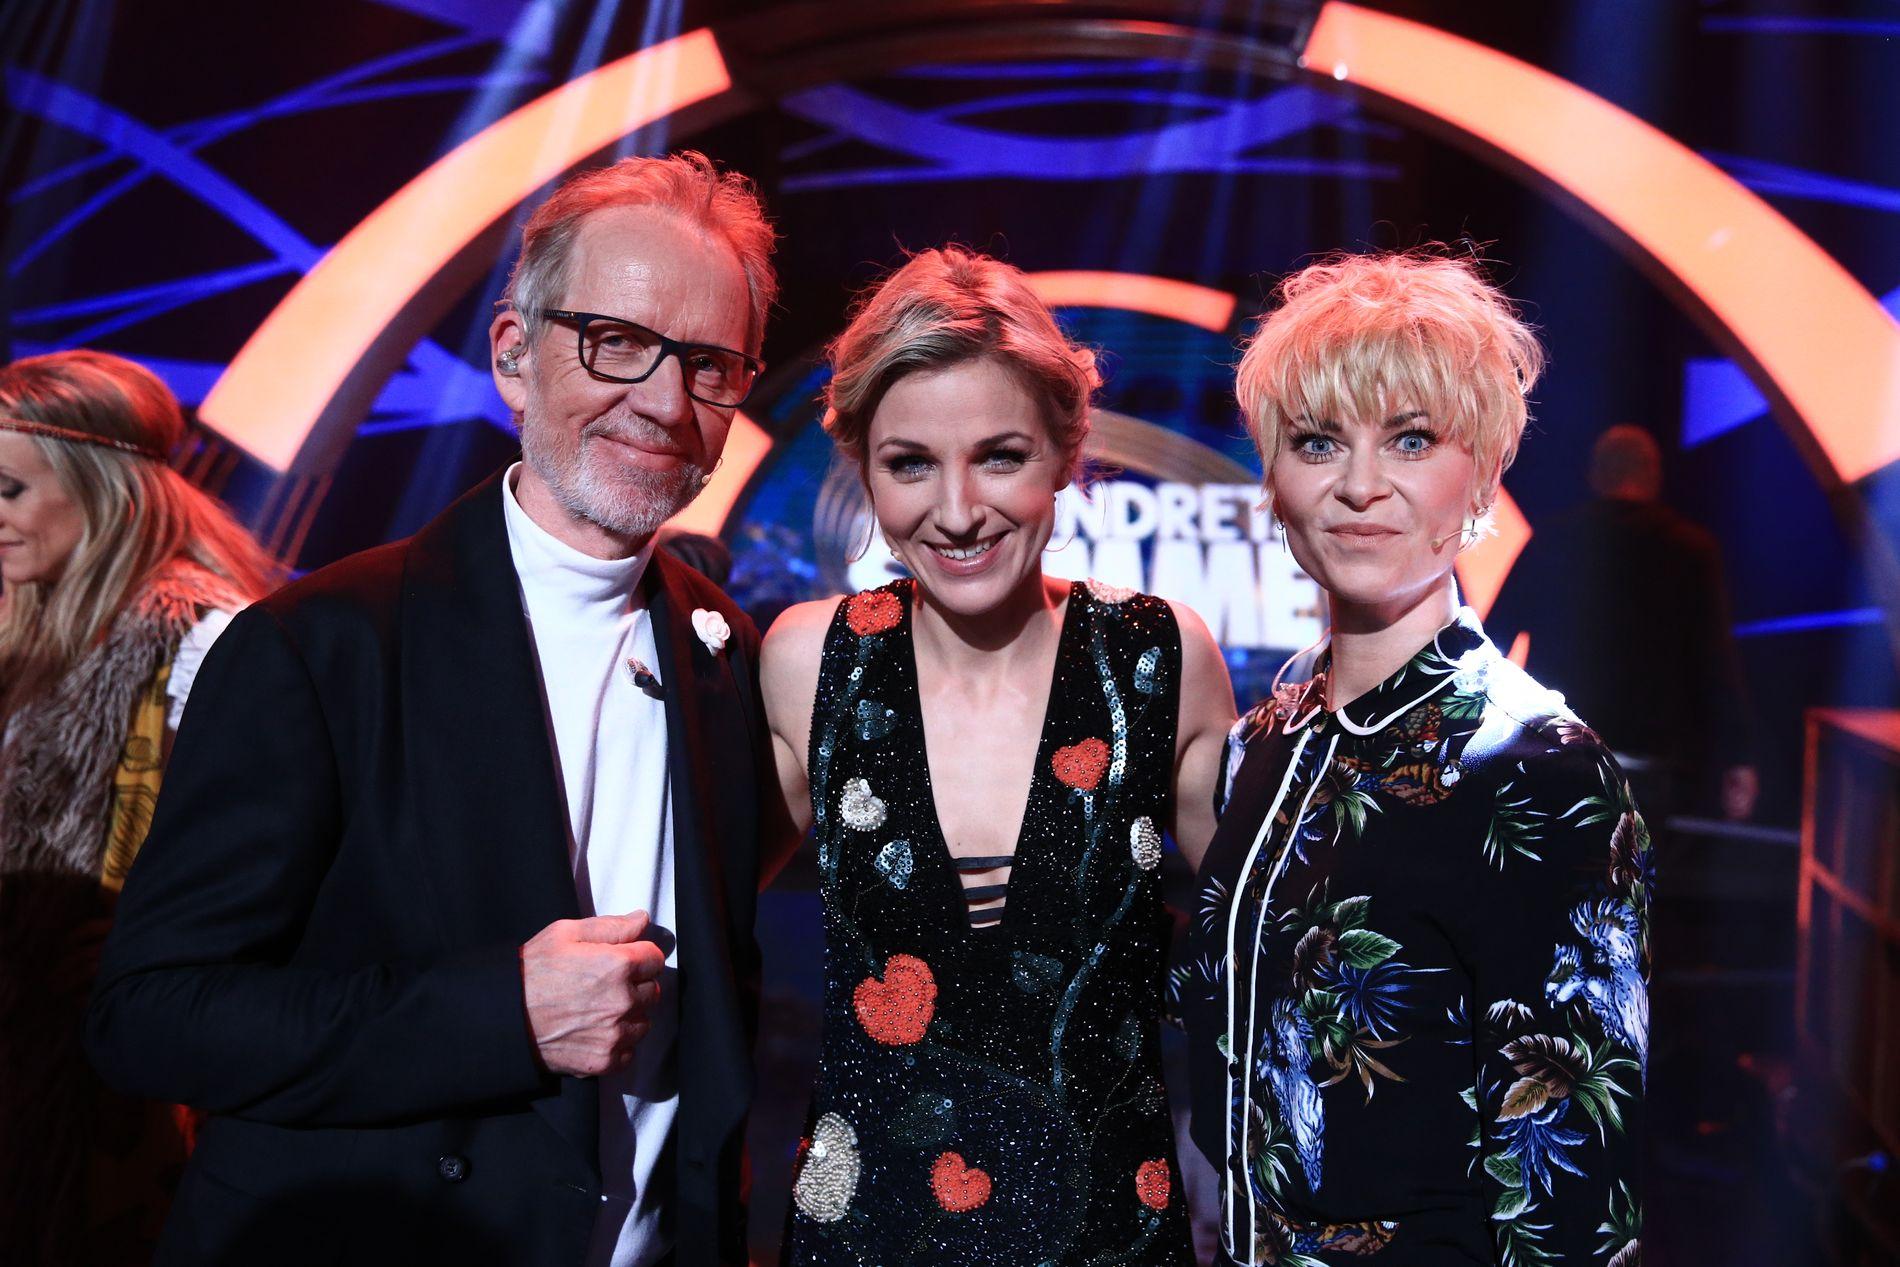 LIKHETSTREKK: I både «Århundrets Stemme» og «Stjernekamp» konkurrerer artister i sangprestasjoner. Her er programledere Ivar Dyrhaug, Guri Solberg og Bertine Zetlitz fra premieren.